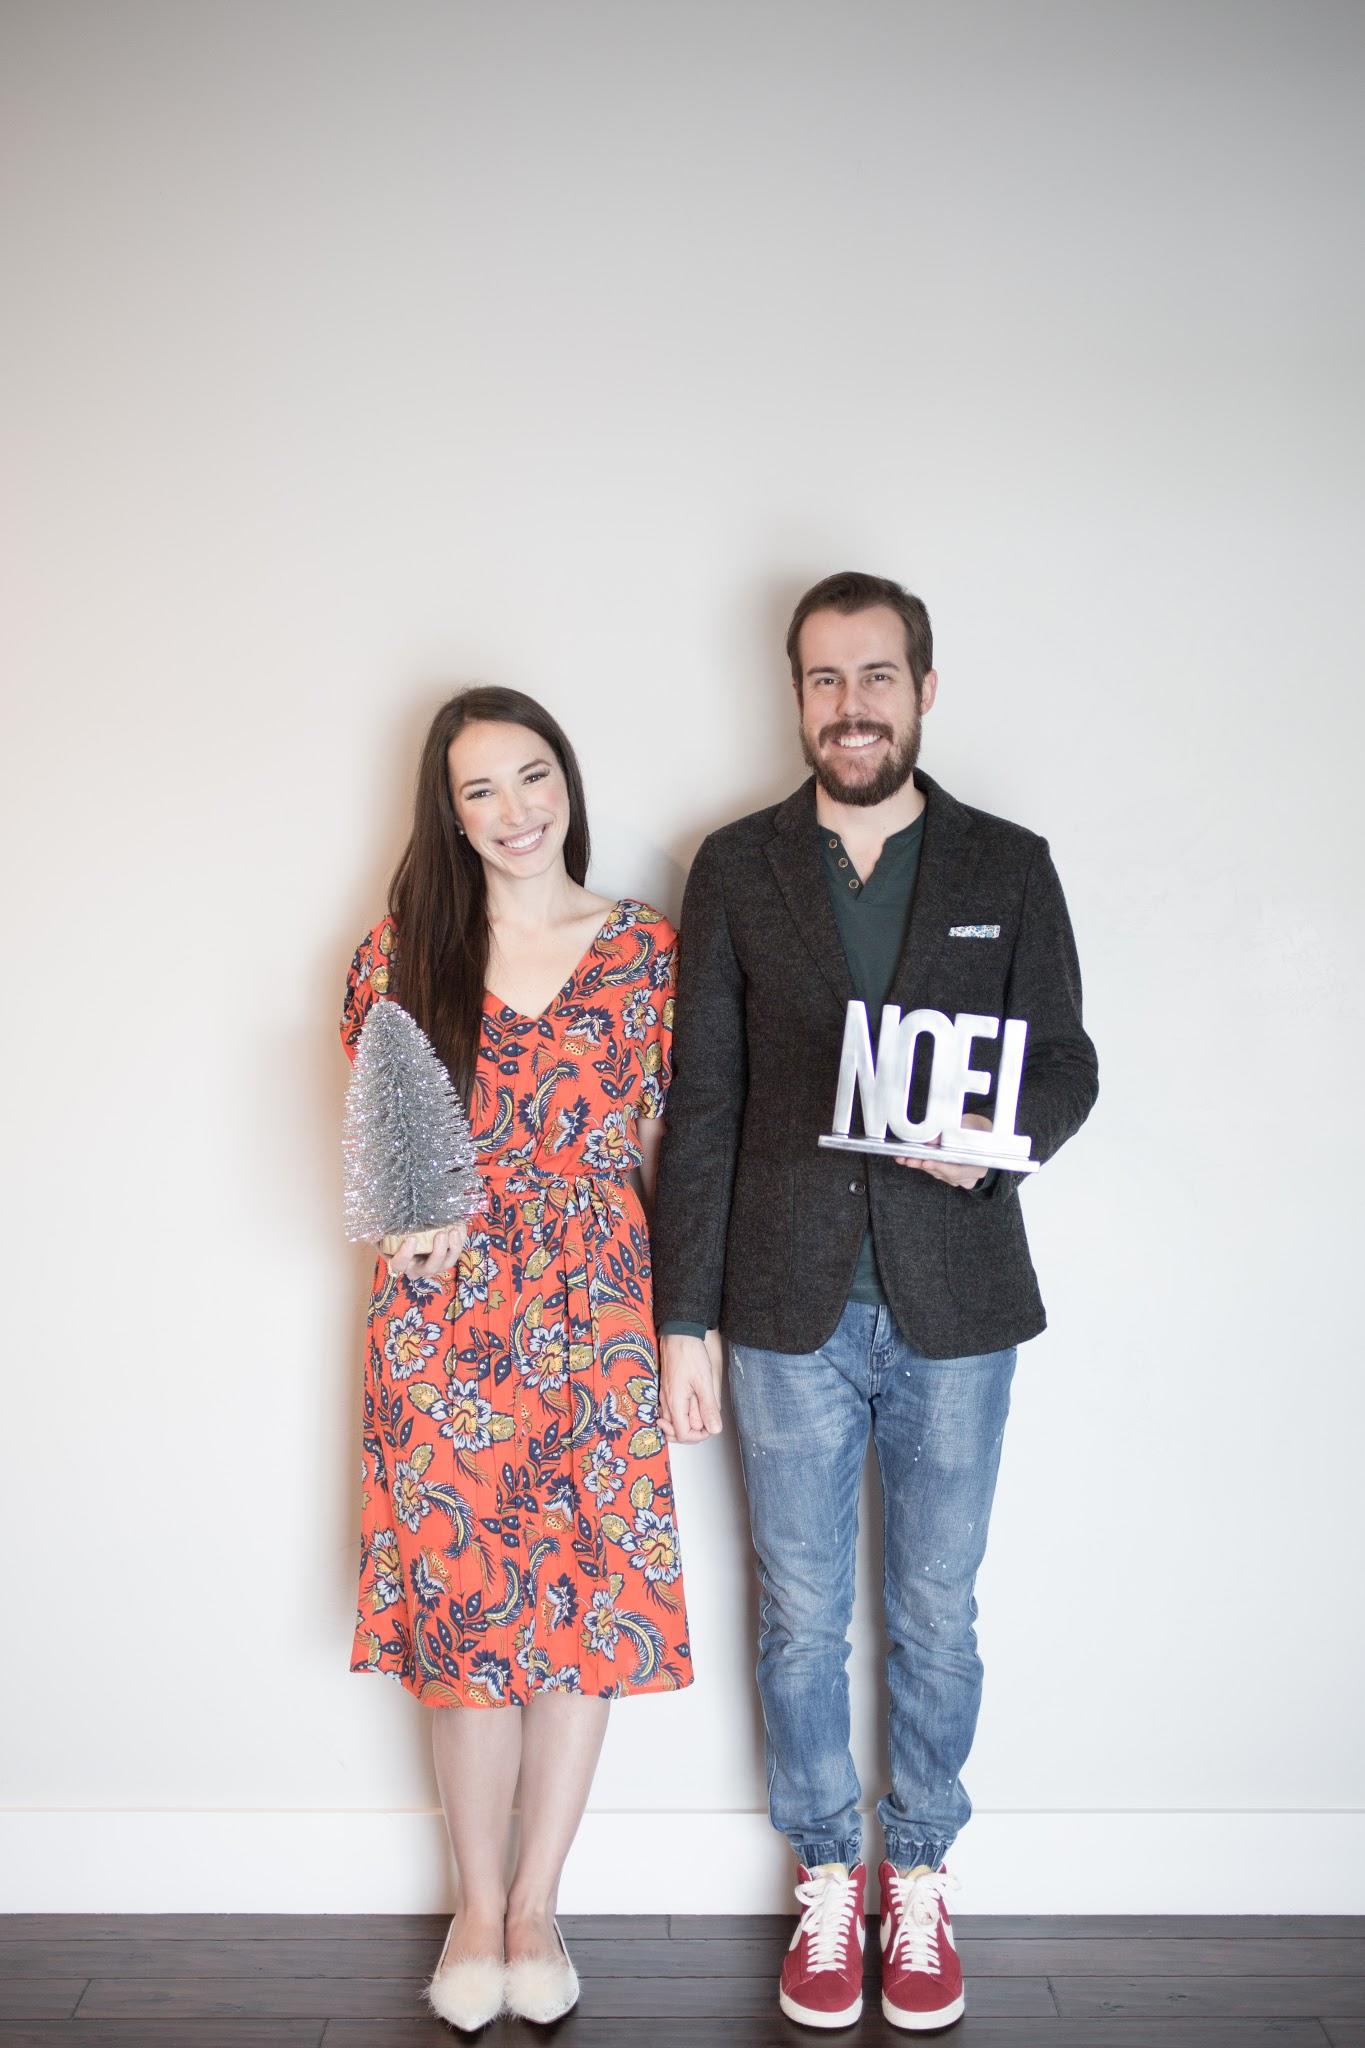 His and Her Fashion Blog- Christmas Edition